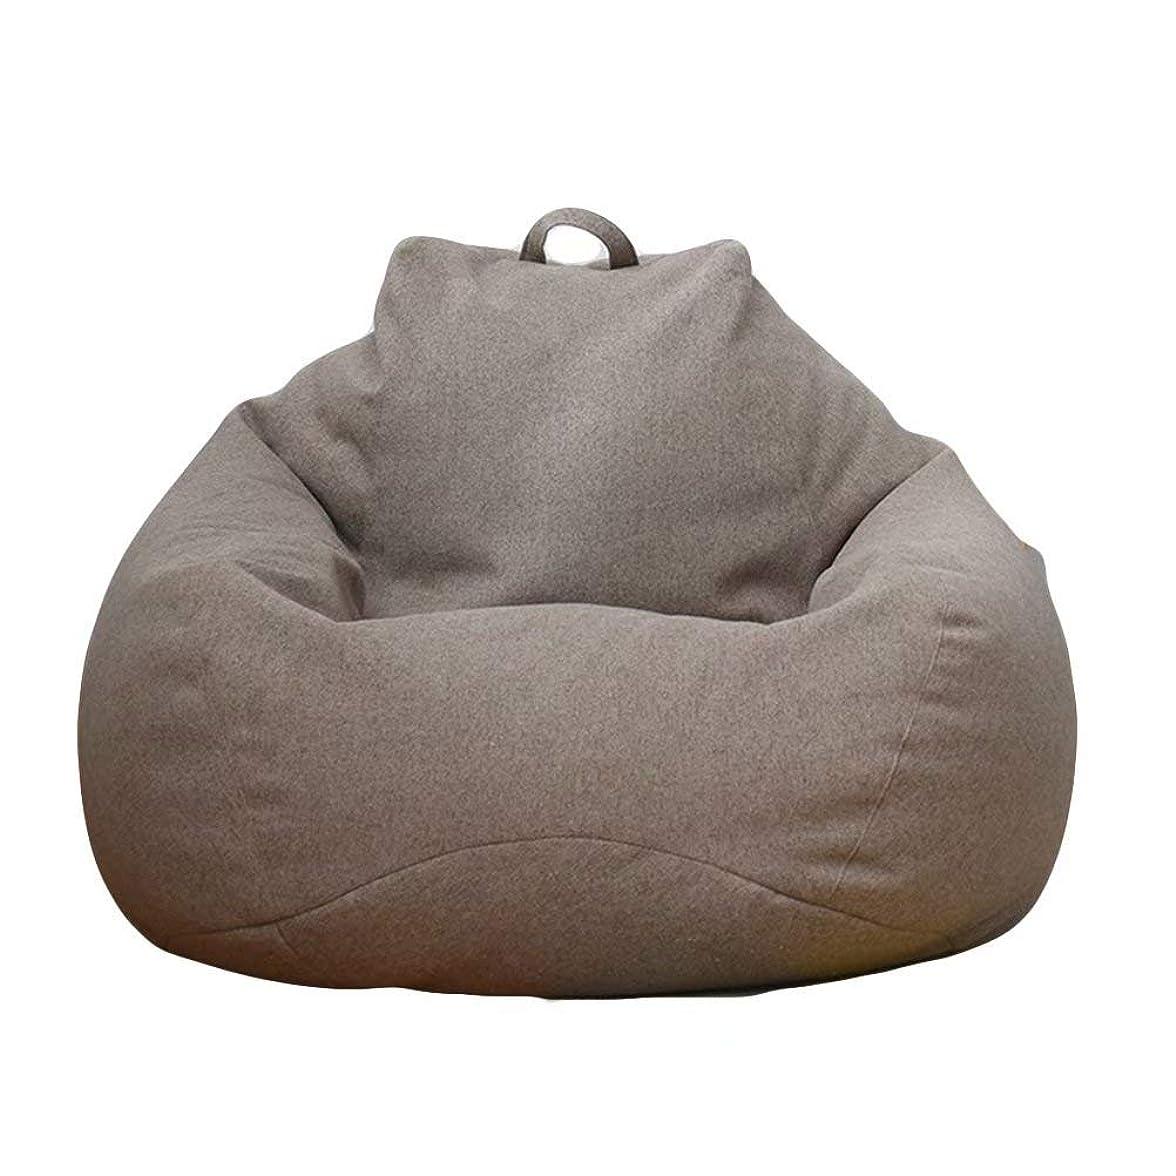 恥ずかしさ慣性縮れたビーズクッション 座布団 座椅子 座布団 腰痛 低反発 無地 取り外し可能 洗える 伸縮 軽量 90x110cm (ブラウン)